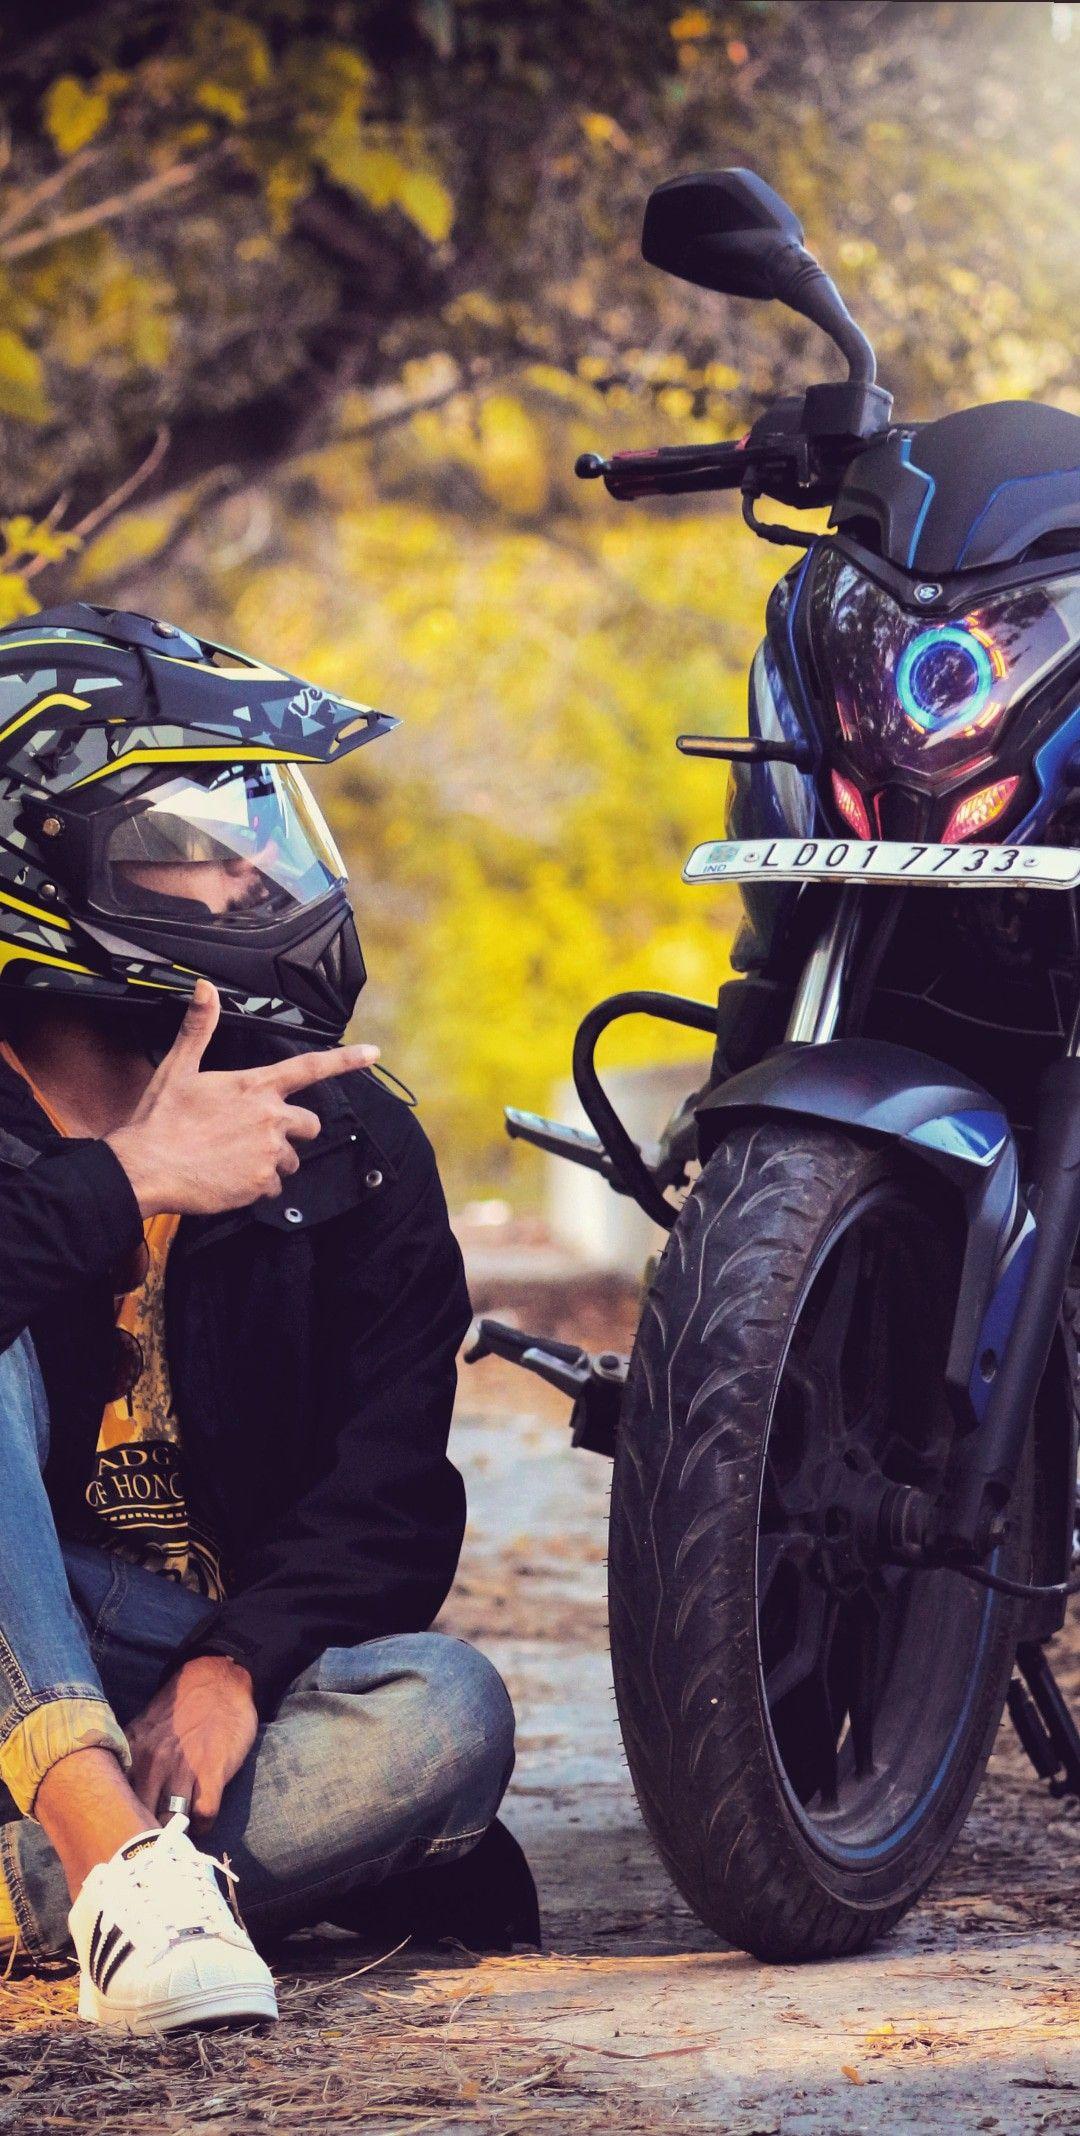 Ktm Duke 250 Cameyephotography Photography Photographer Ktm